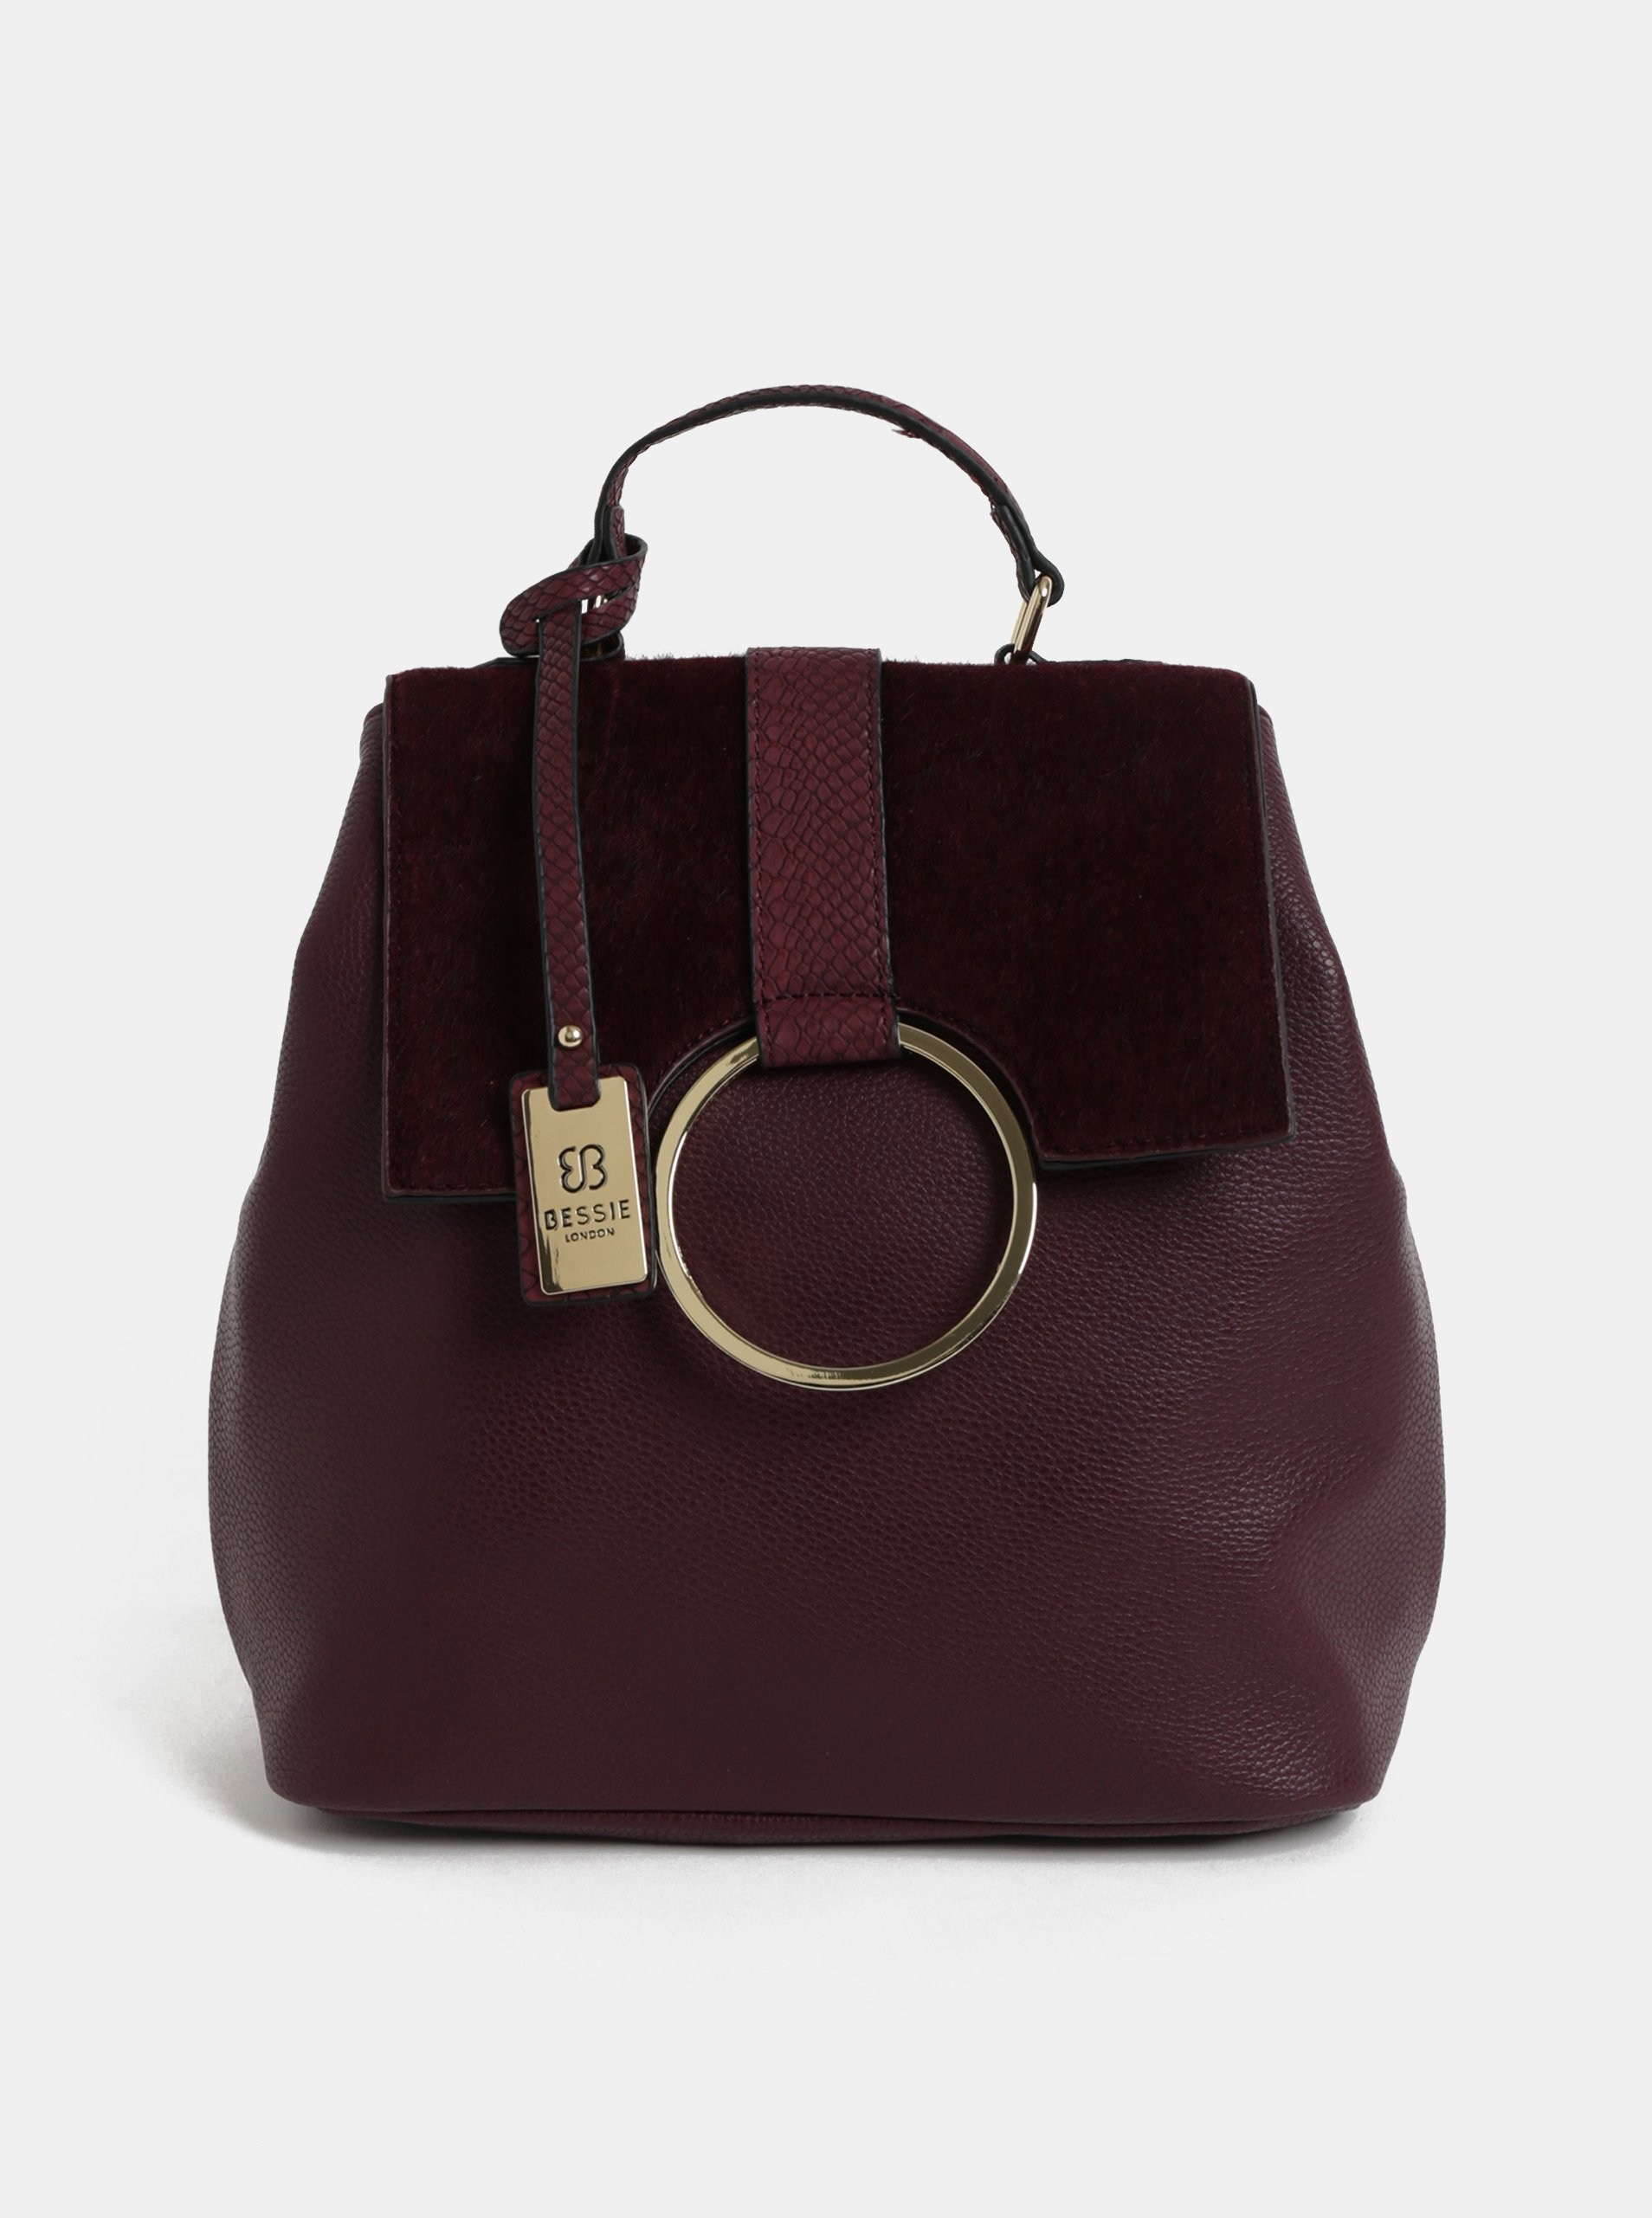 Fotografie Vínový batoh s umělým kožíškem a detaily ve zlaté barvě Bessie London